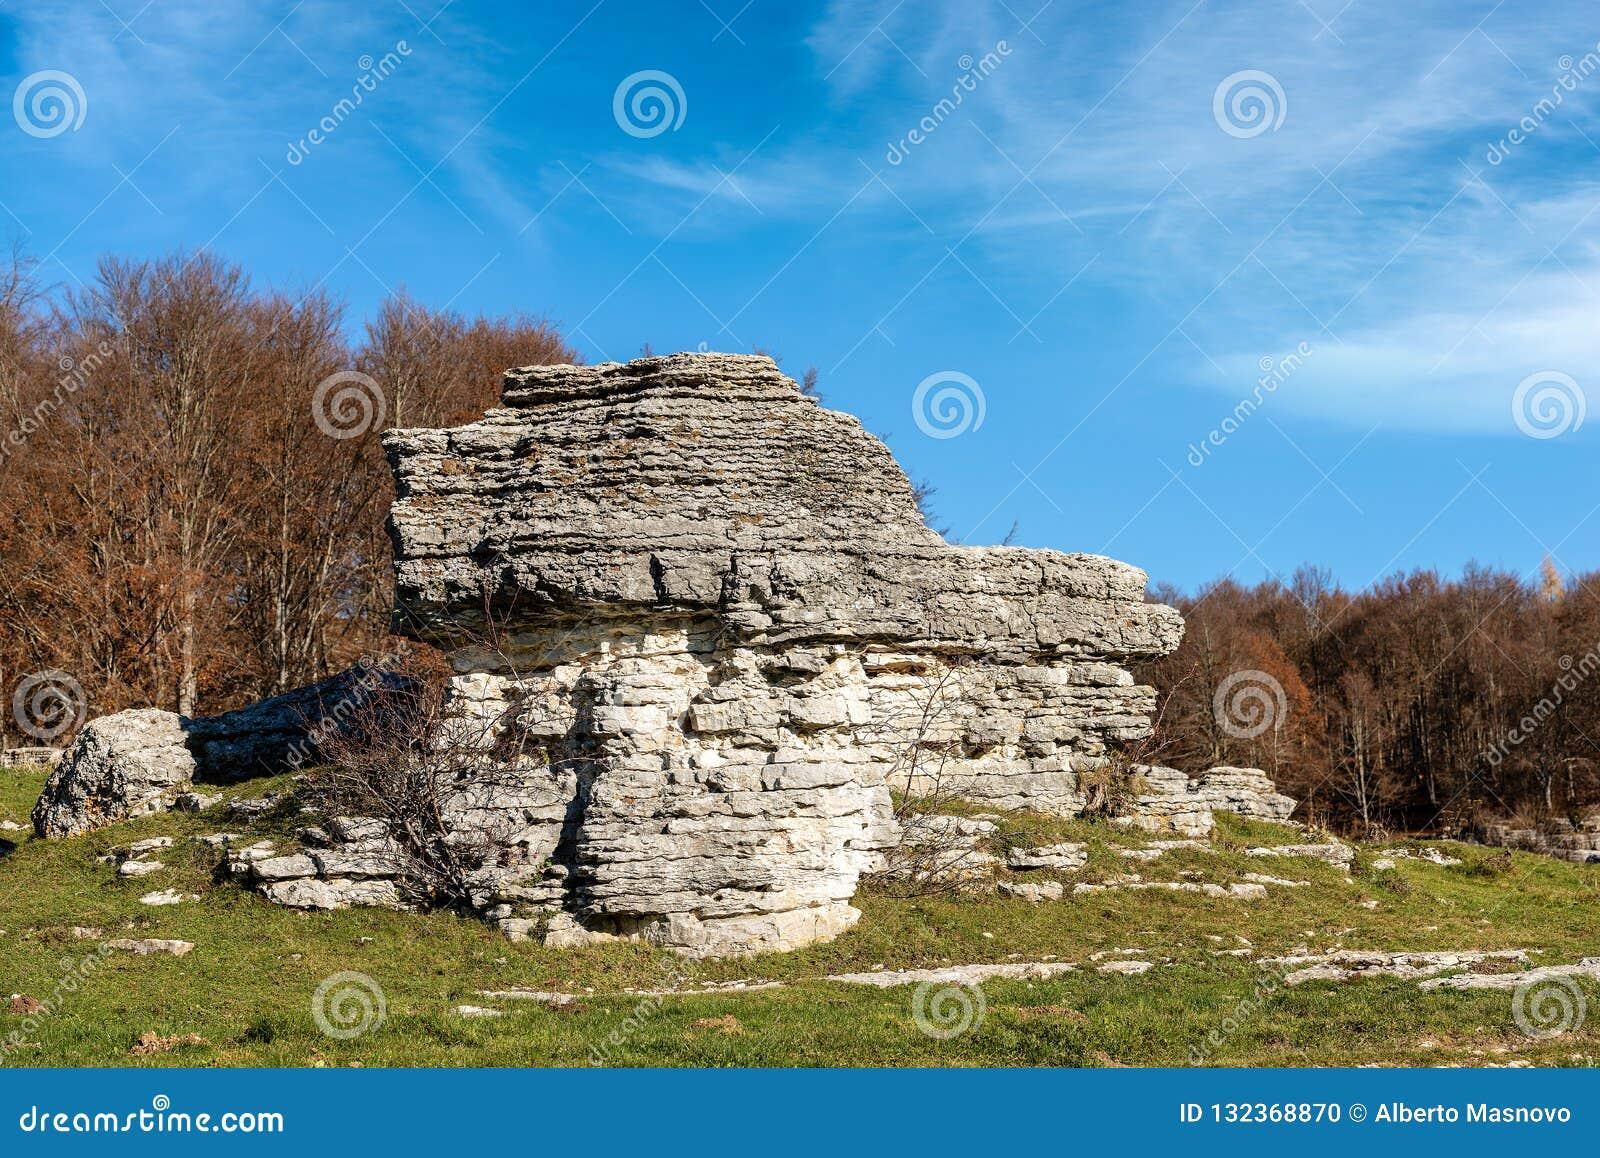 石灰石巨型独石-石灰岩地区常见的地形侵蚀形成Lessinia意大利